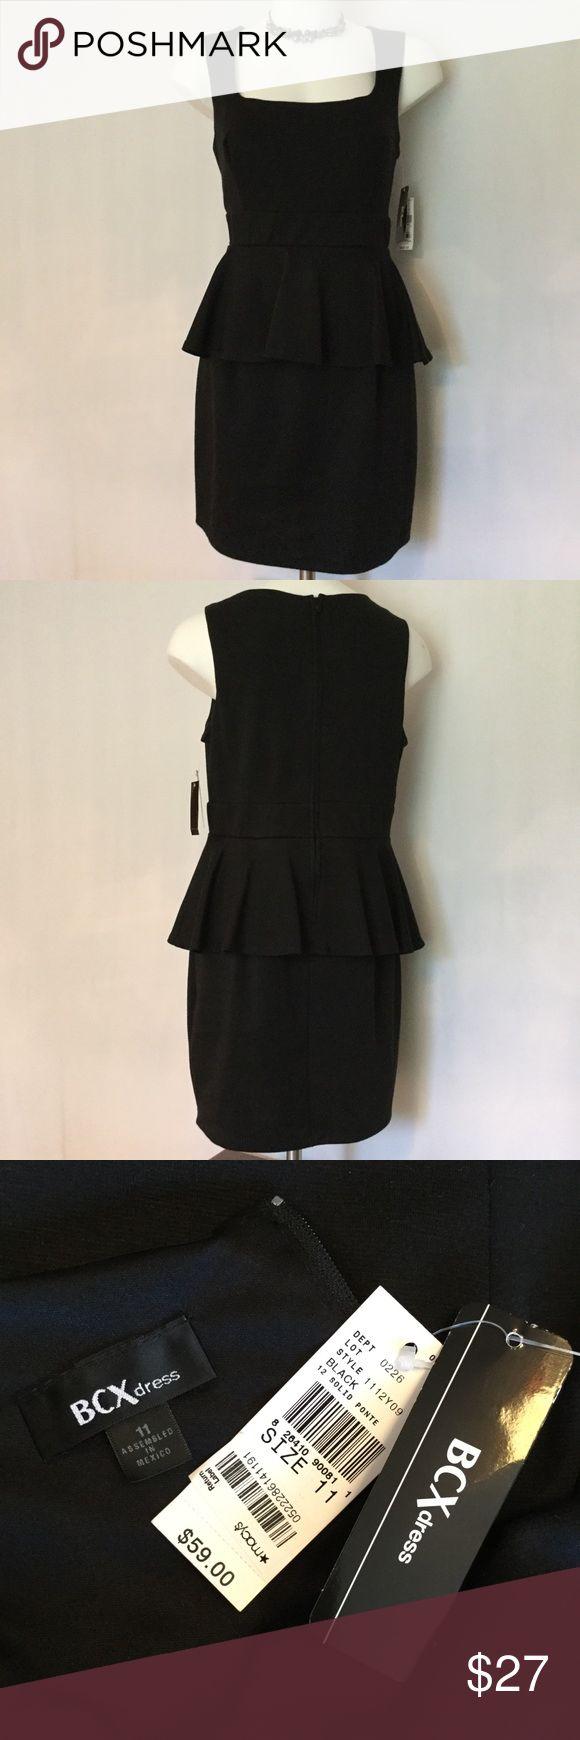 BCX Little Black Peplum Dress BCX Little Black Dress, sleeveless with an adorable peplum waist! Brand New with Tags! BCX Dresses